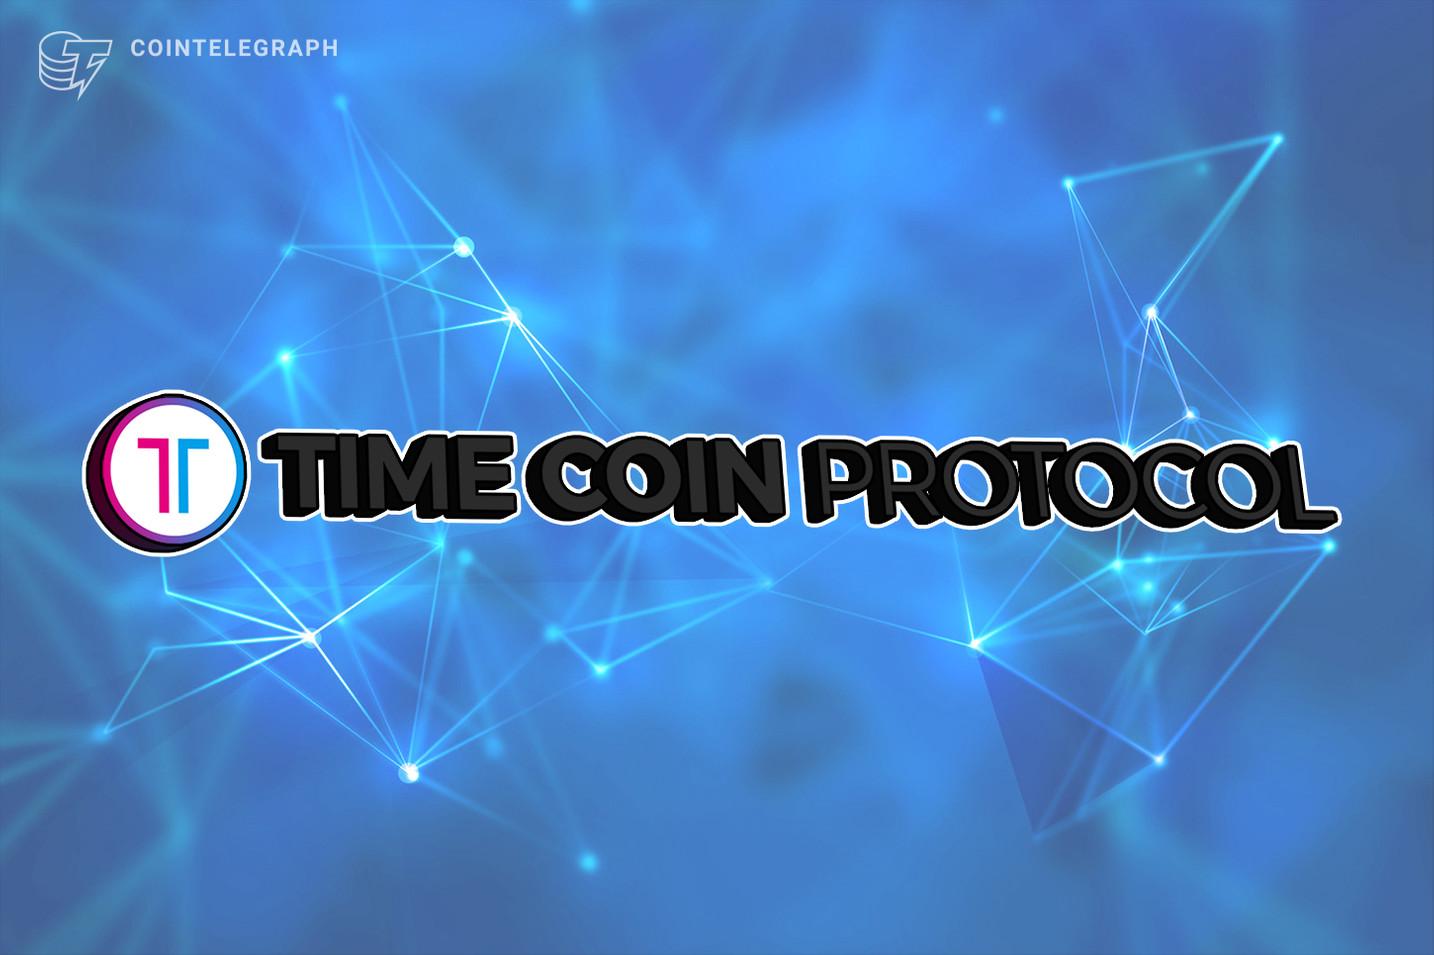 """消费时光即""""挖矿"""" ,""""时光币TimeCoin """"将在BitForex上市!  --参与电子竞技、使用时光卡(TimeTicket),随时获得时光币(TimeCoin)"""